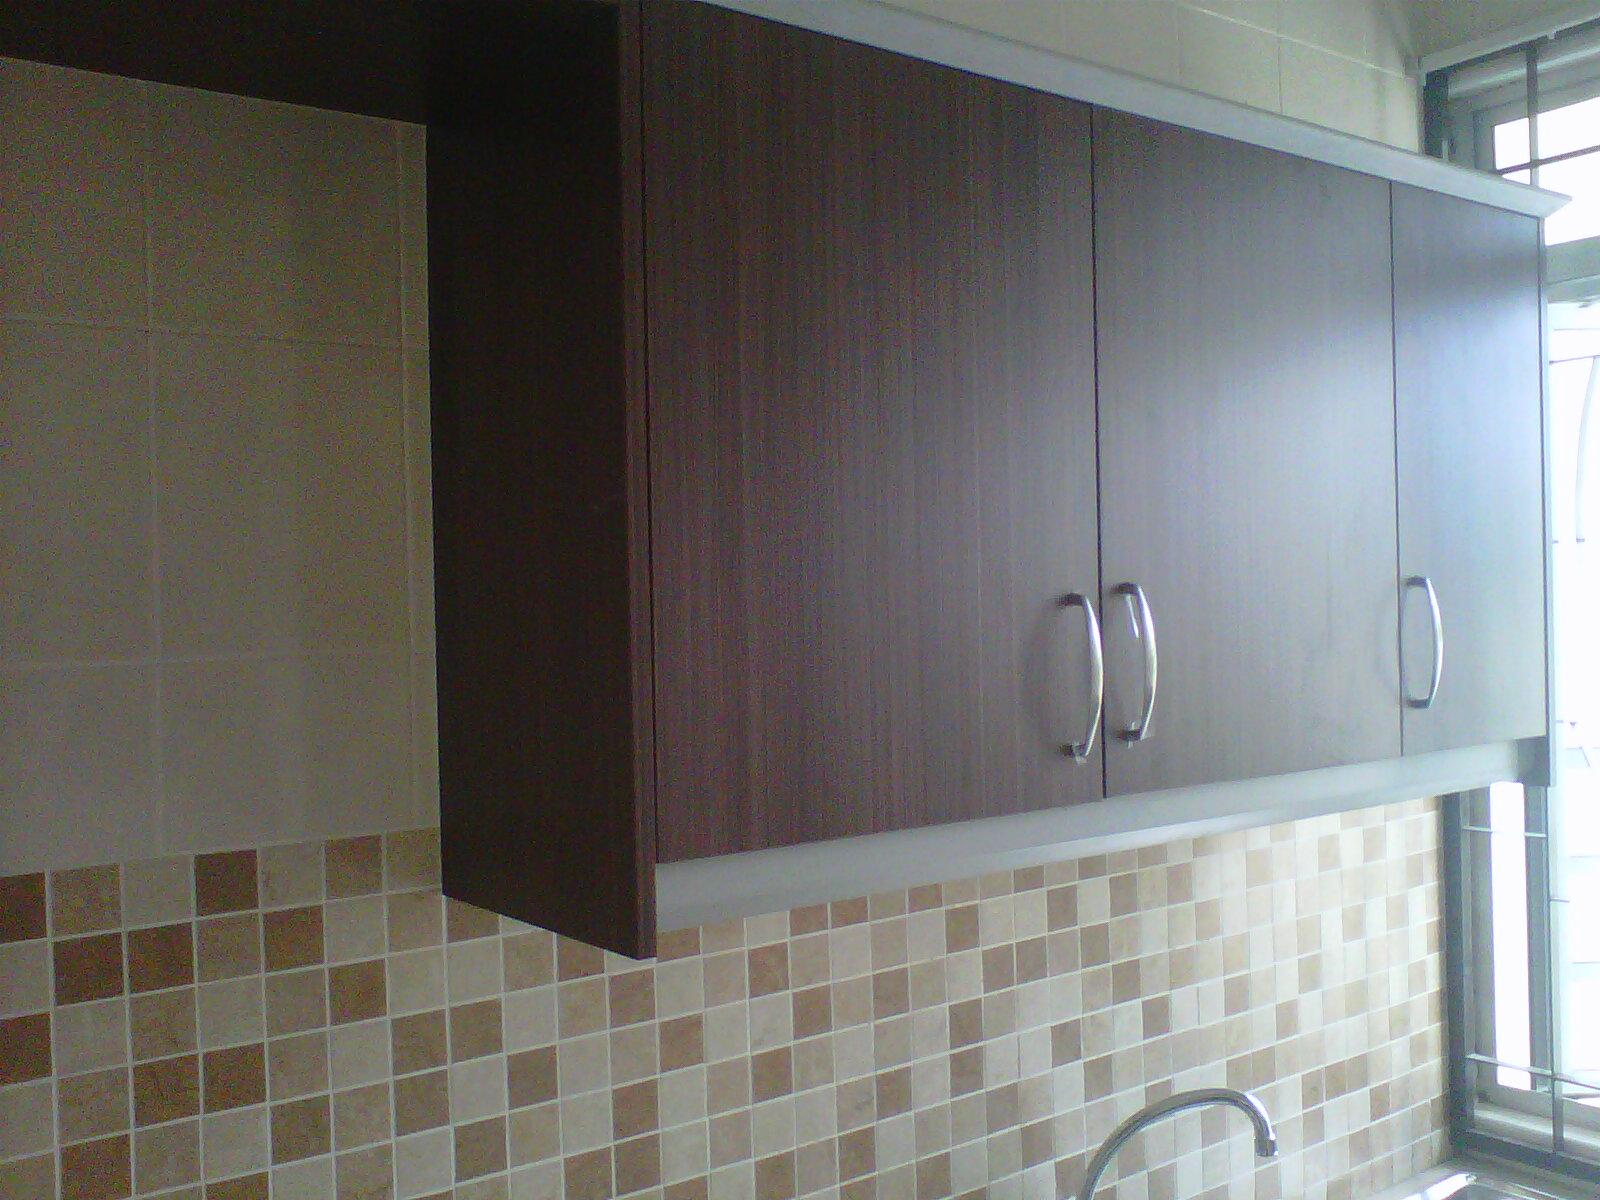 kabinet cantik seh leh sama plak design dengan rumah Bangi